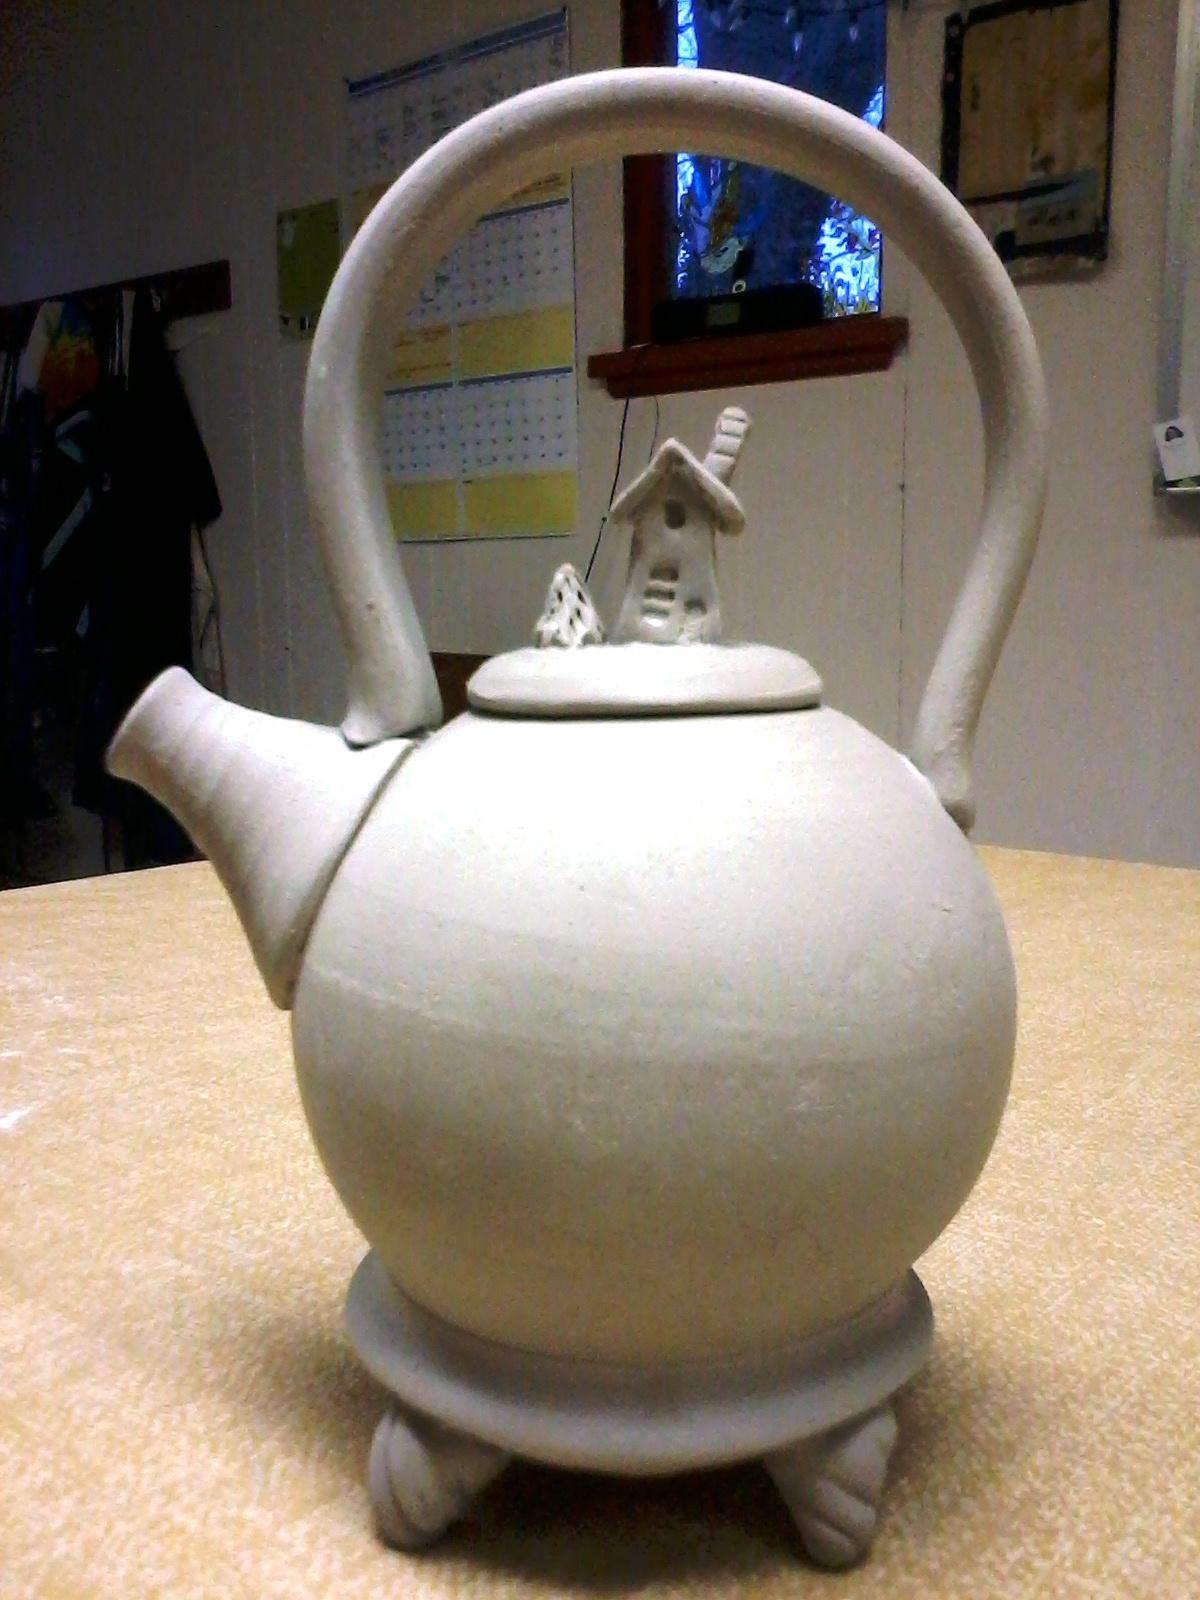 And Ten: Little bitty teapot.